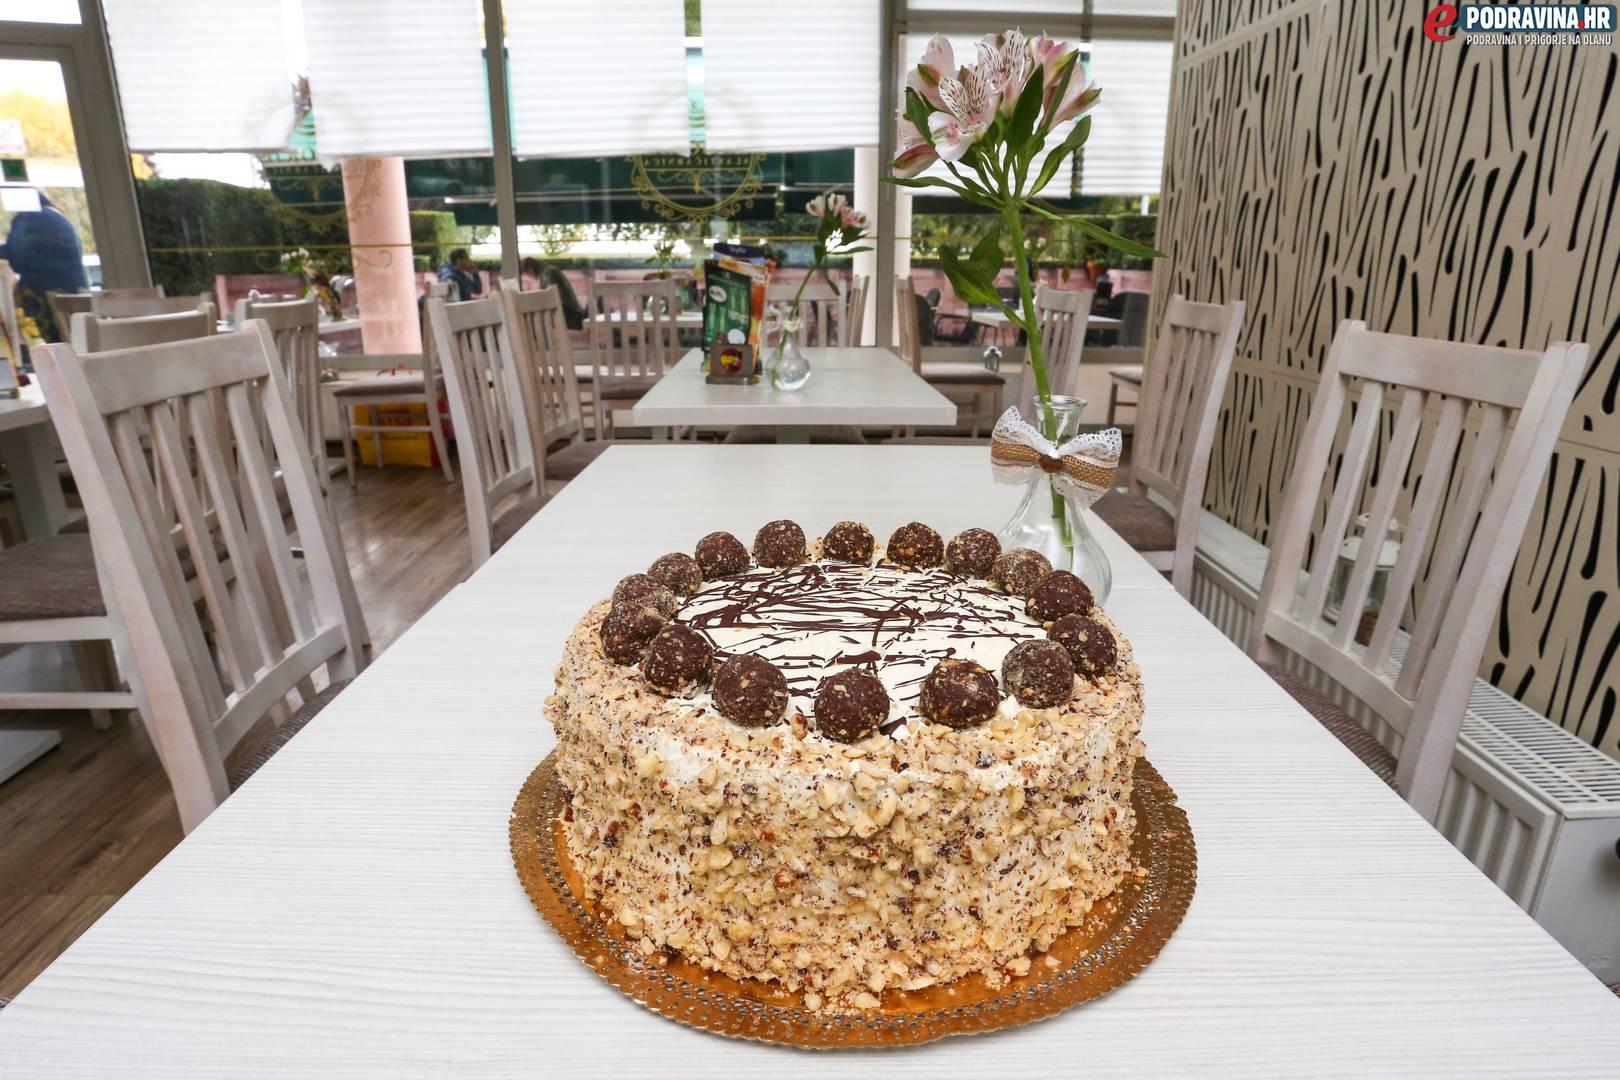 Poklon torta slastičarnice Zagorje // Foto: Matija Gudlin